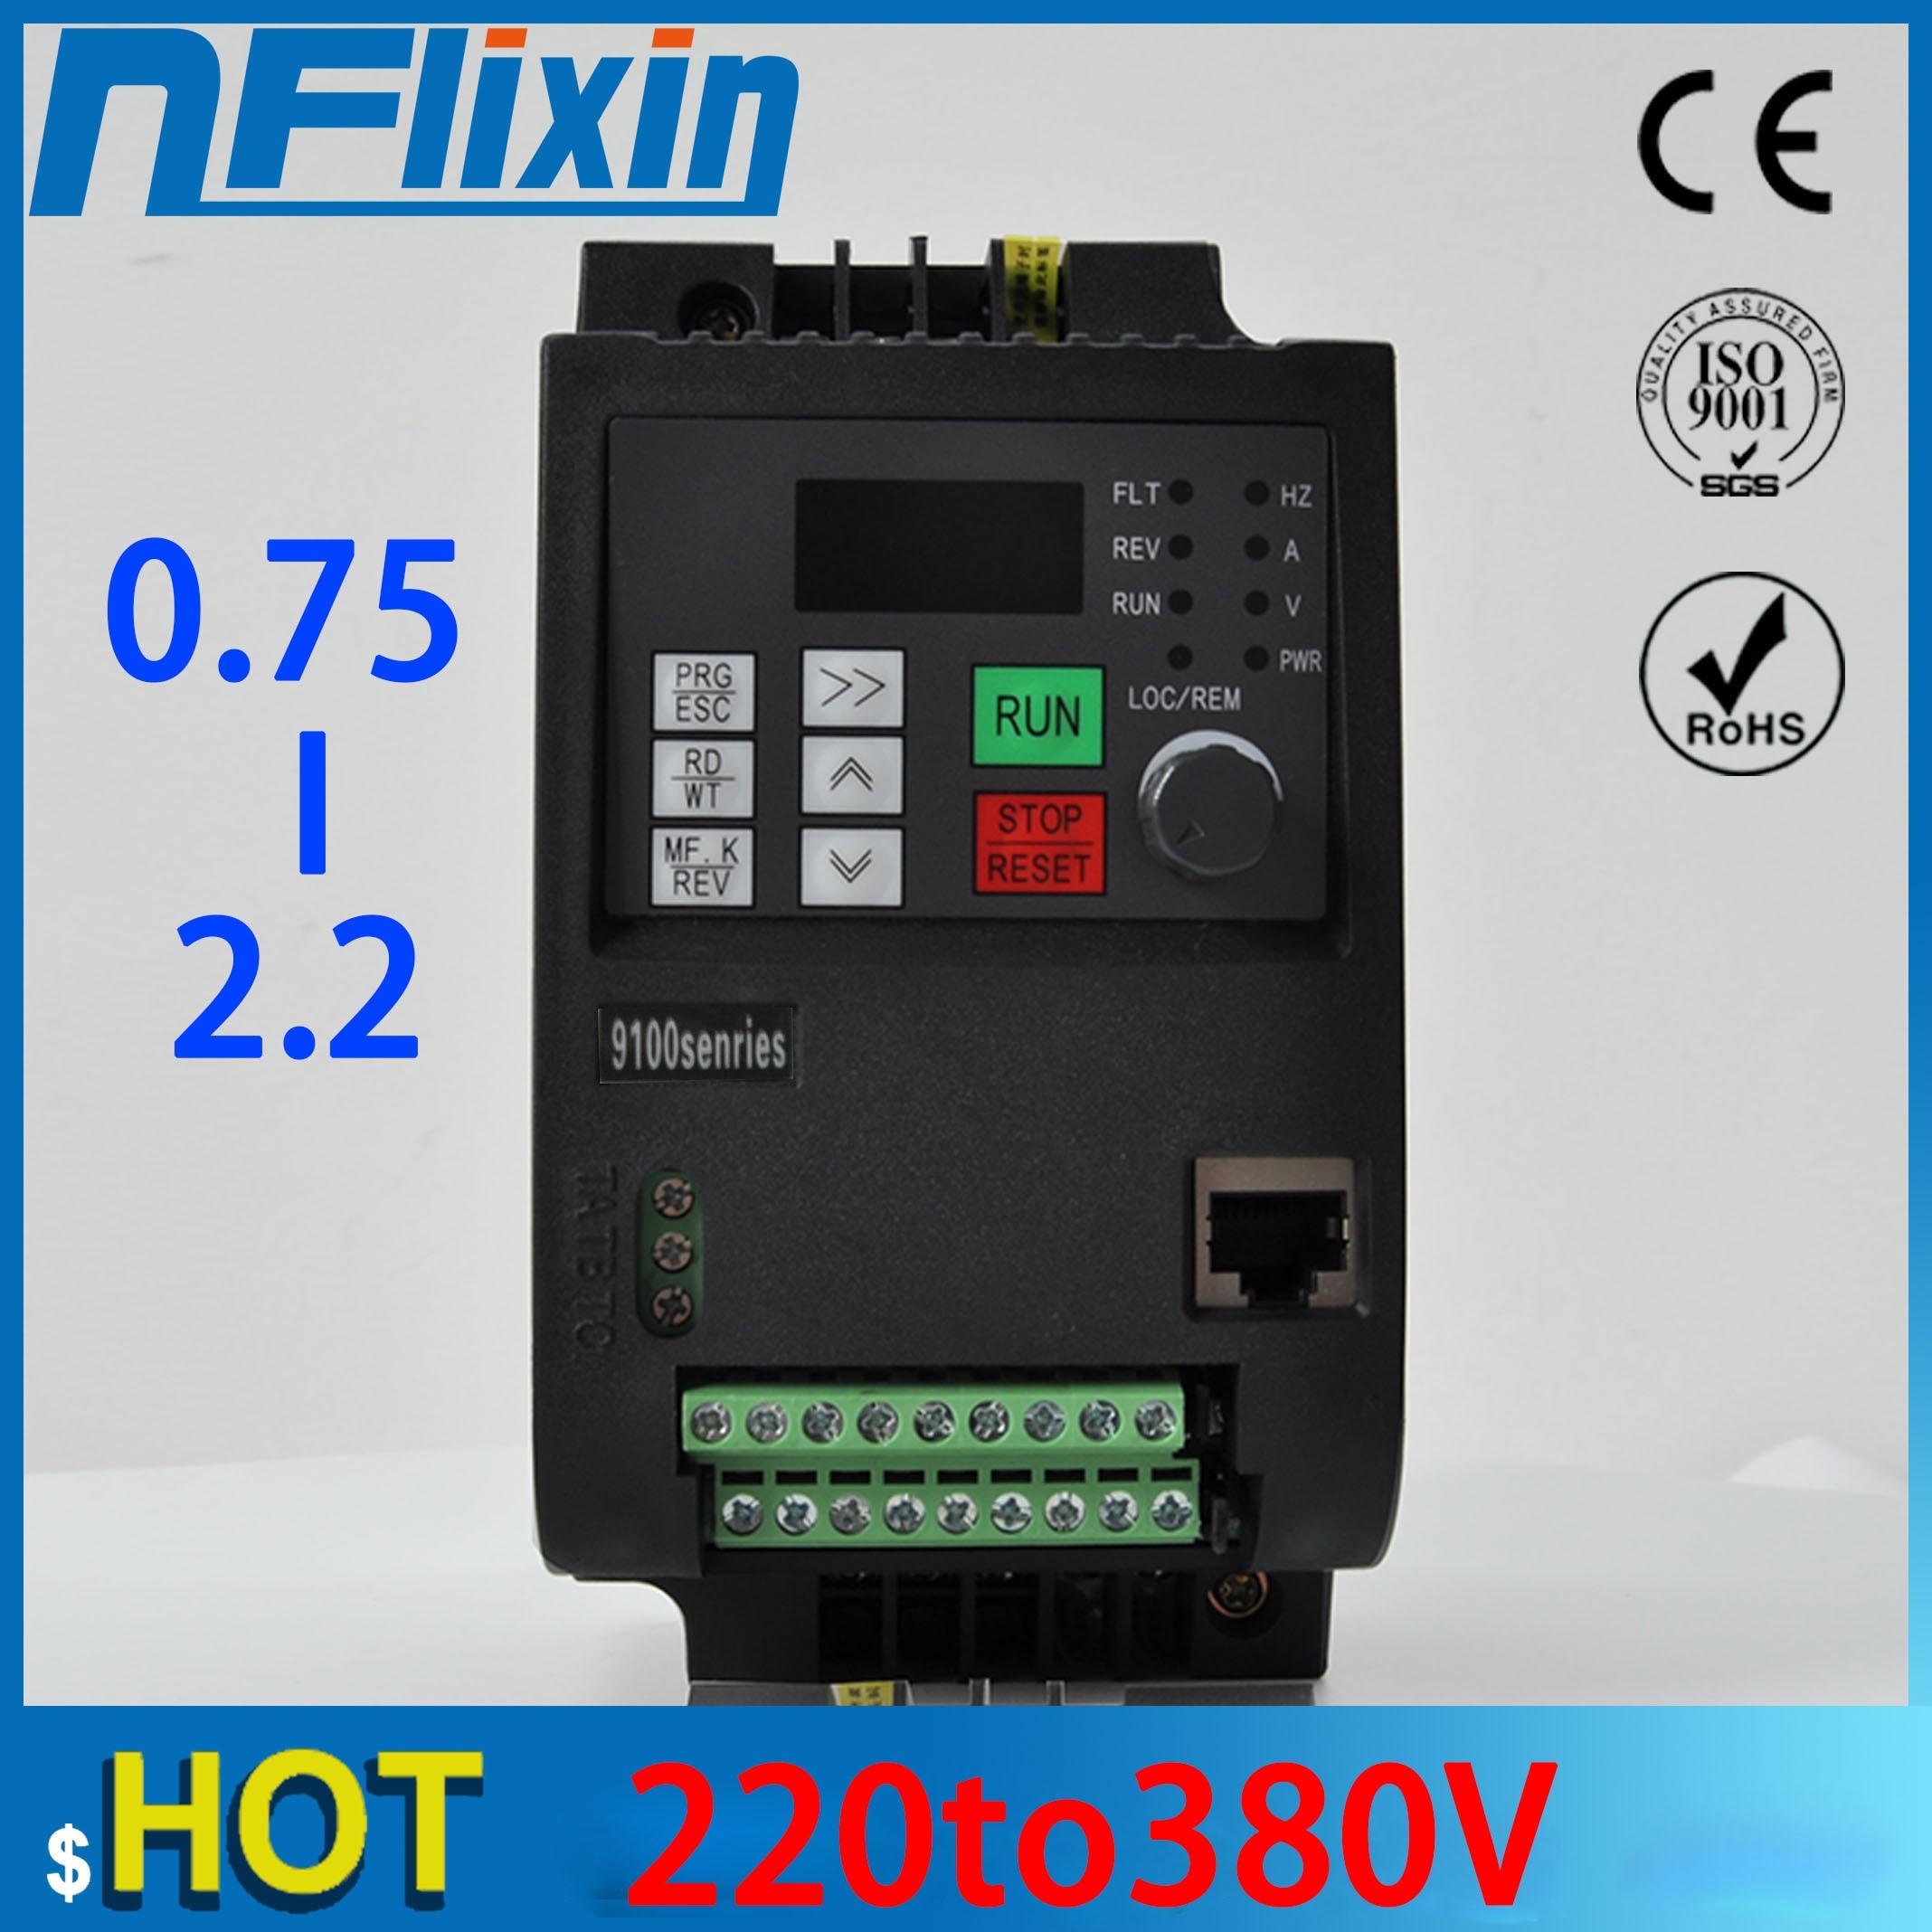 750W / 1500W / 2200W 220V переменного тока для 3 фазы 380 В частотно-регулируемый привод VFD инвертор для 3.0KW шпинделя 2200 Вт с частотно-регулируемым привод...